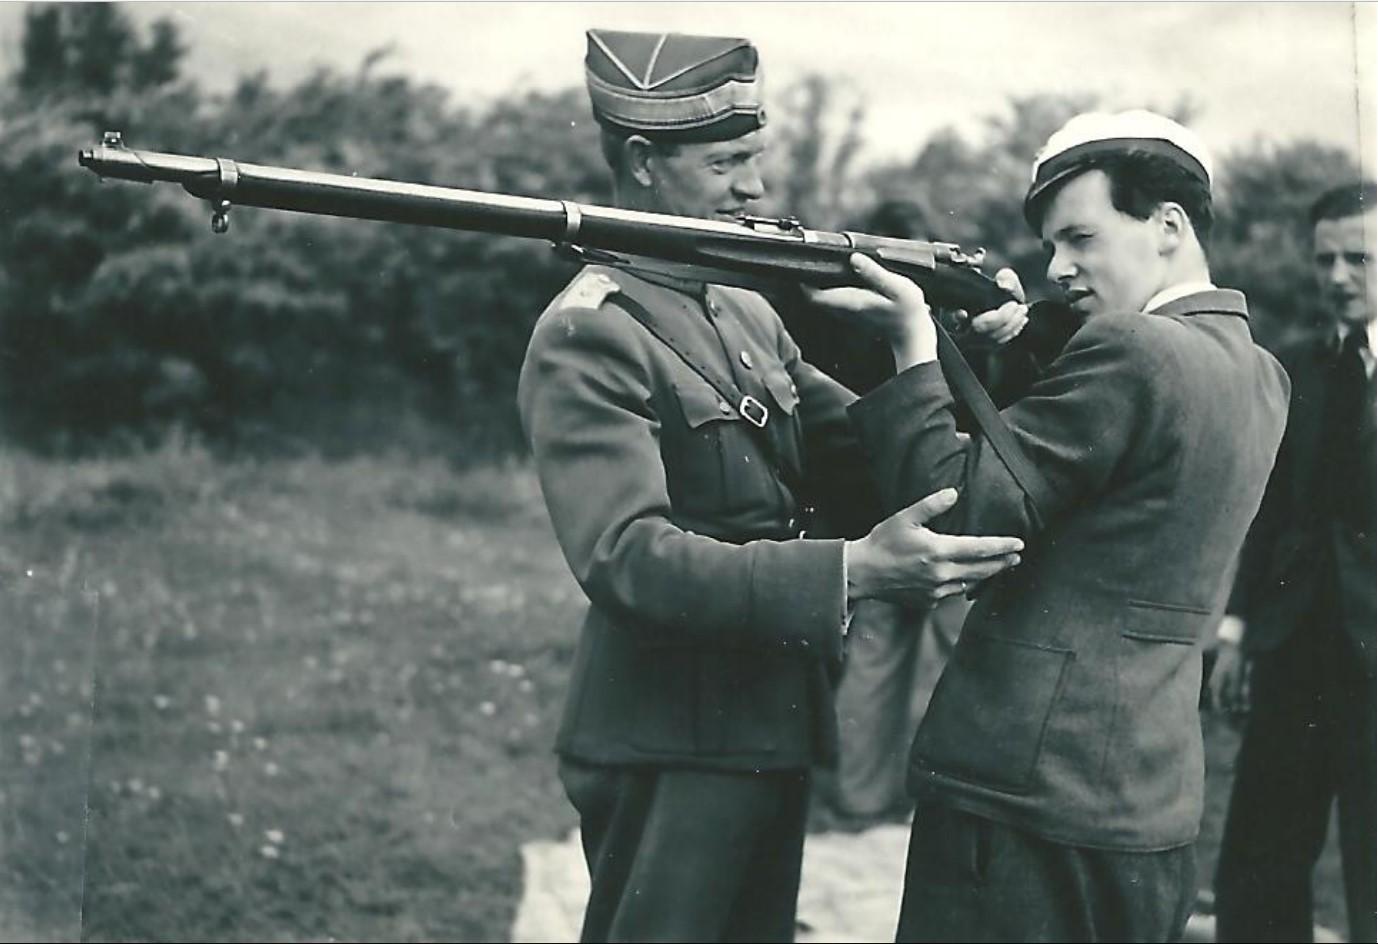 1942. Харальд Херинг из стрелкового клуба. Инструктор по стрелковому оружию капитан Хингель